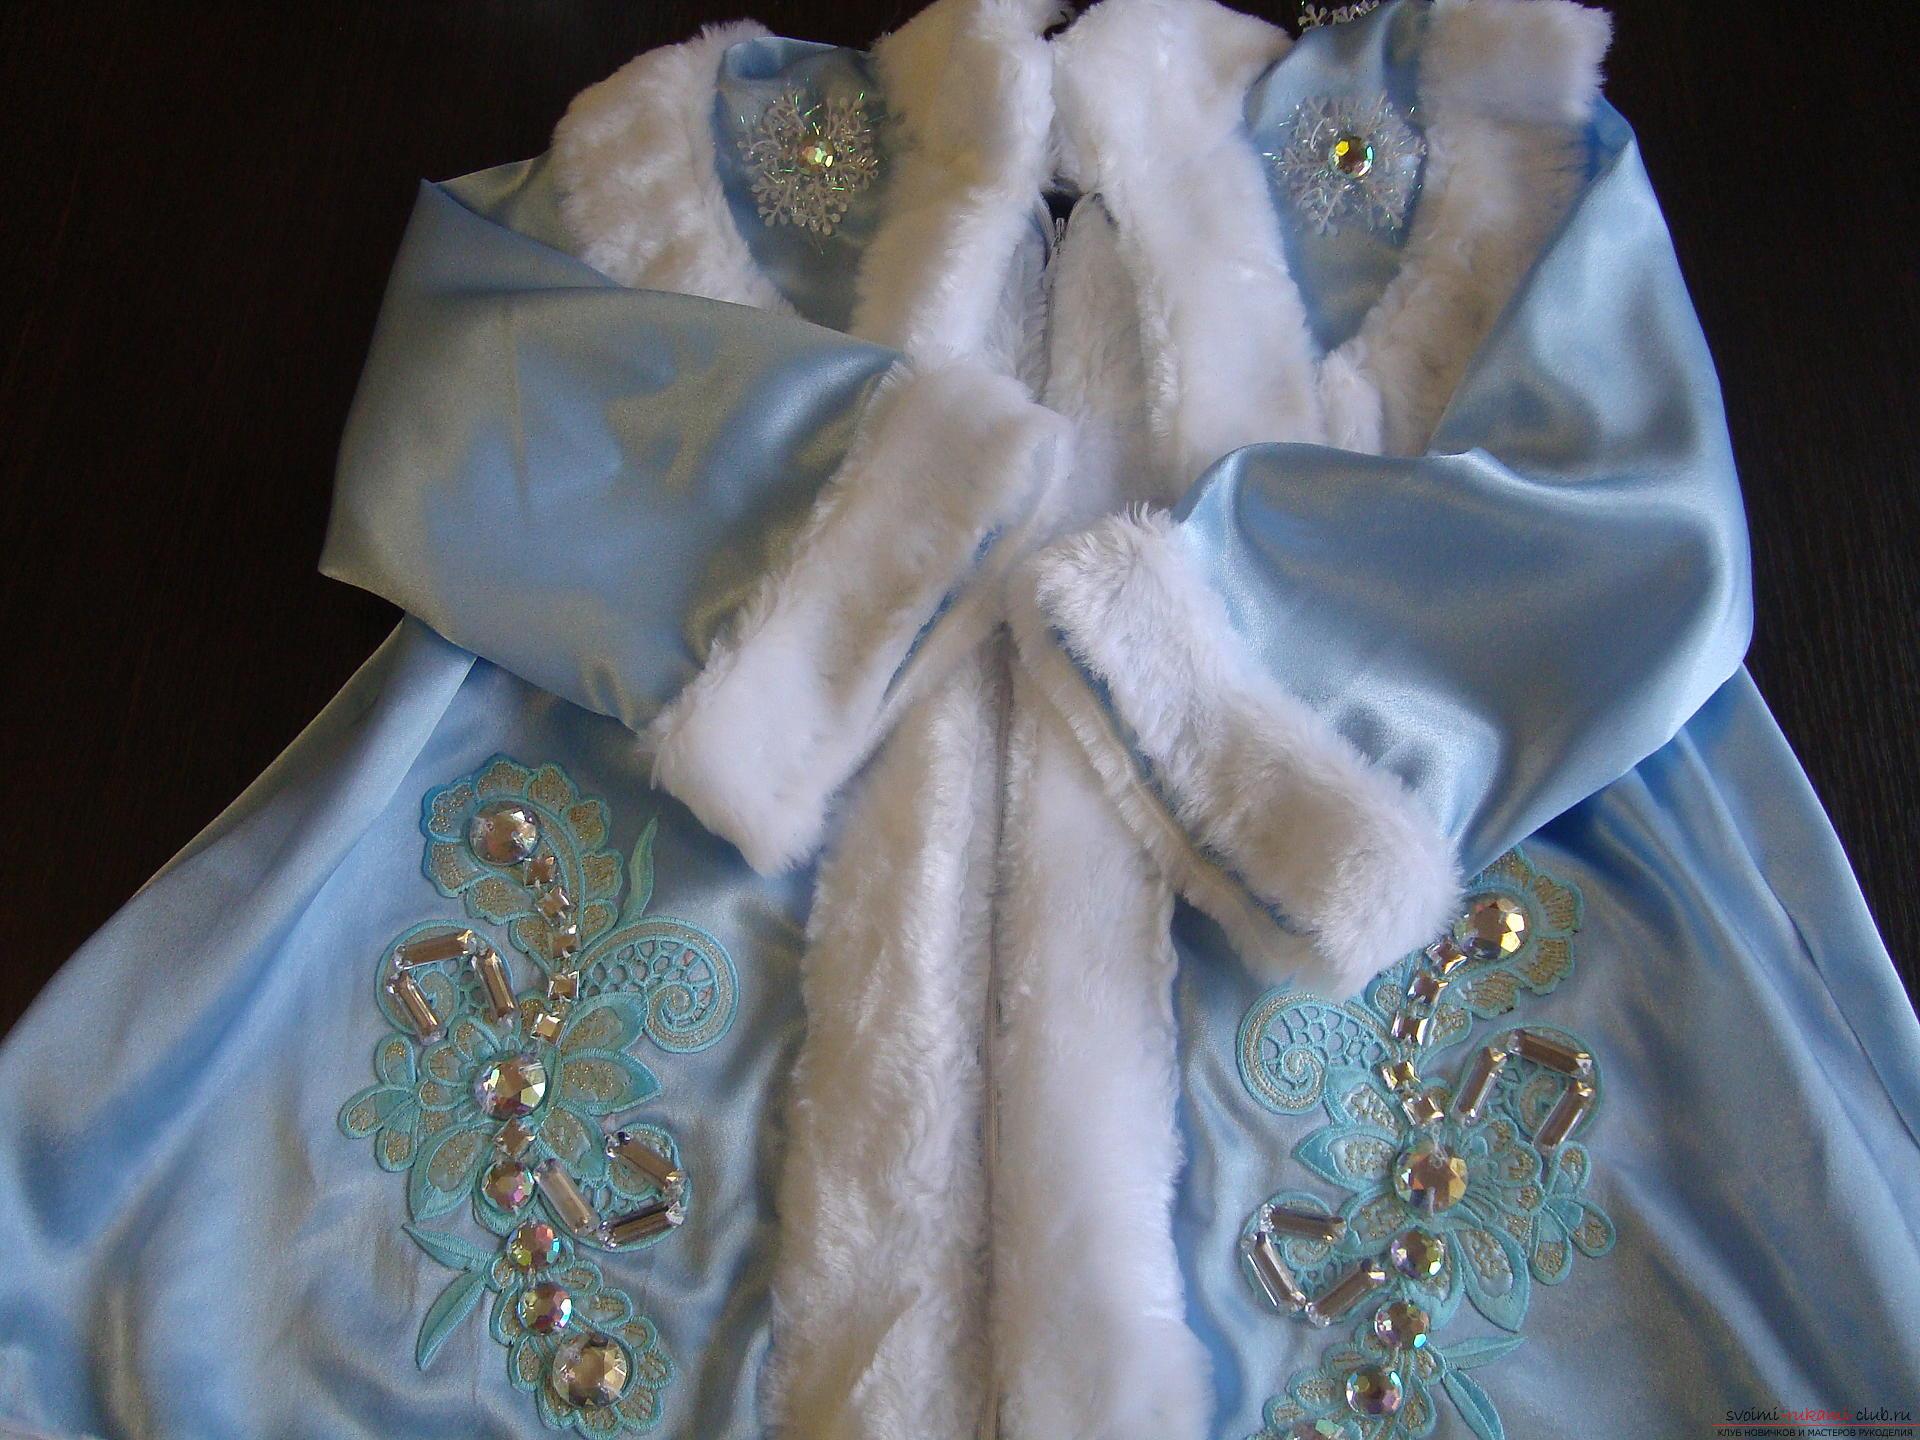 Карнавальные костюмы для девочки мама может сшить своими руками. Костюм Снегурочка понравится многим девочкам.. Фото №3